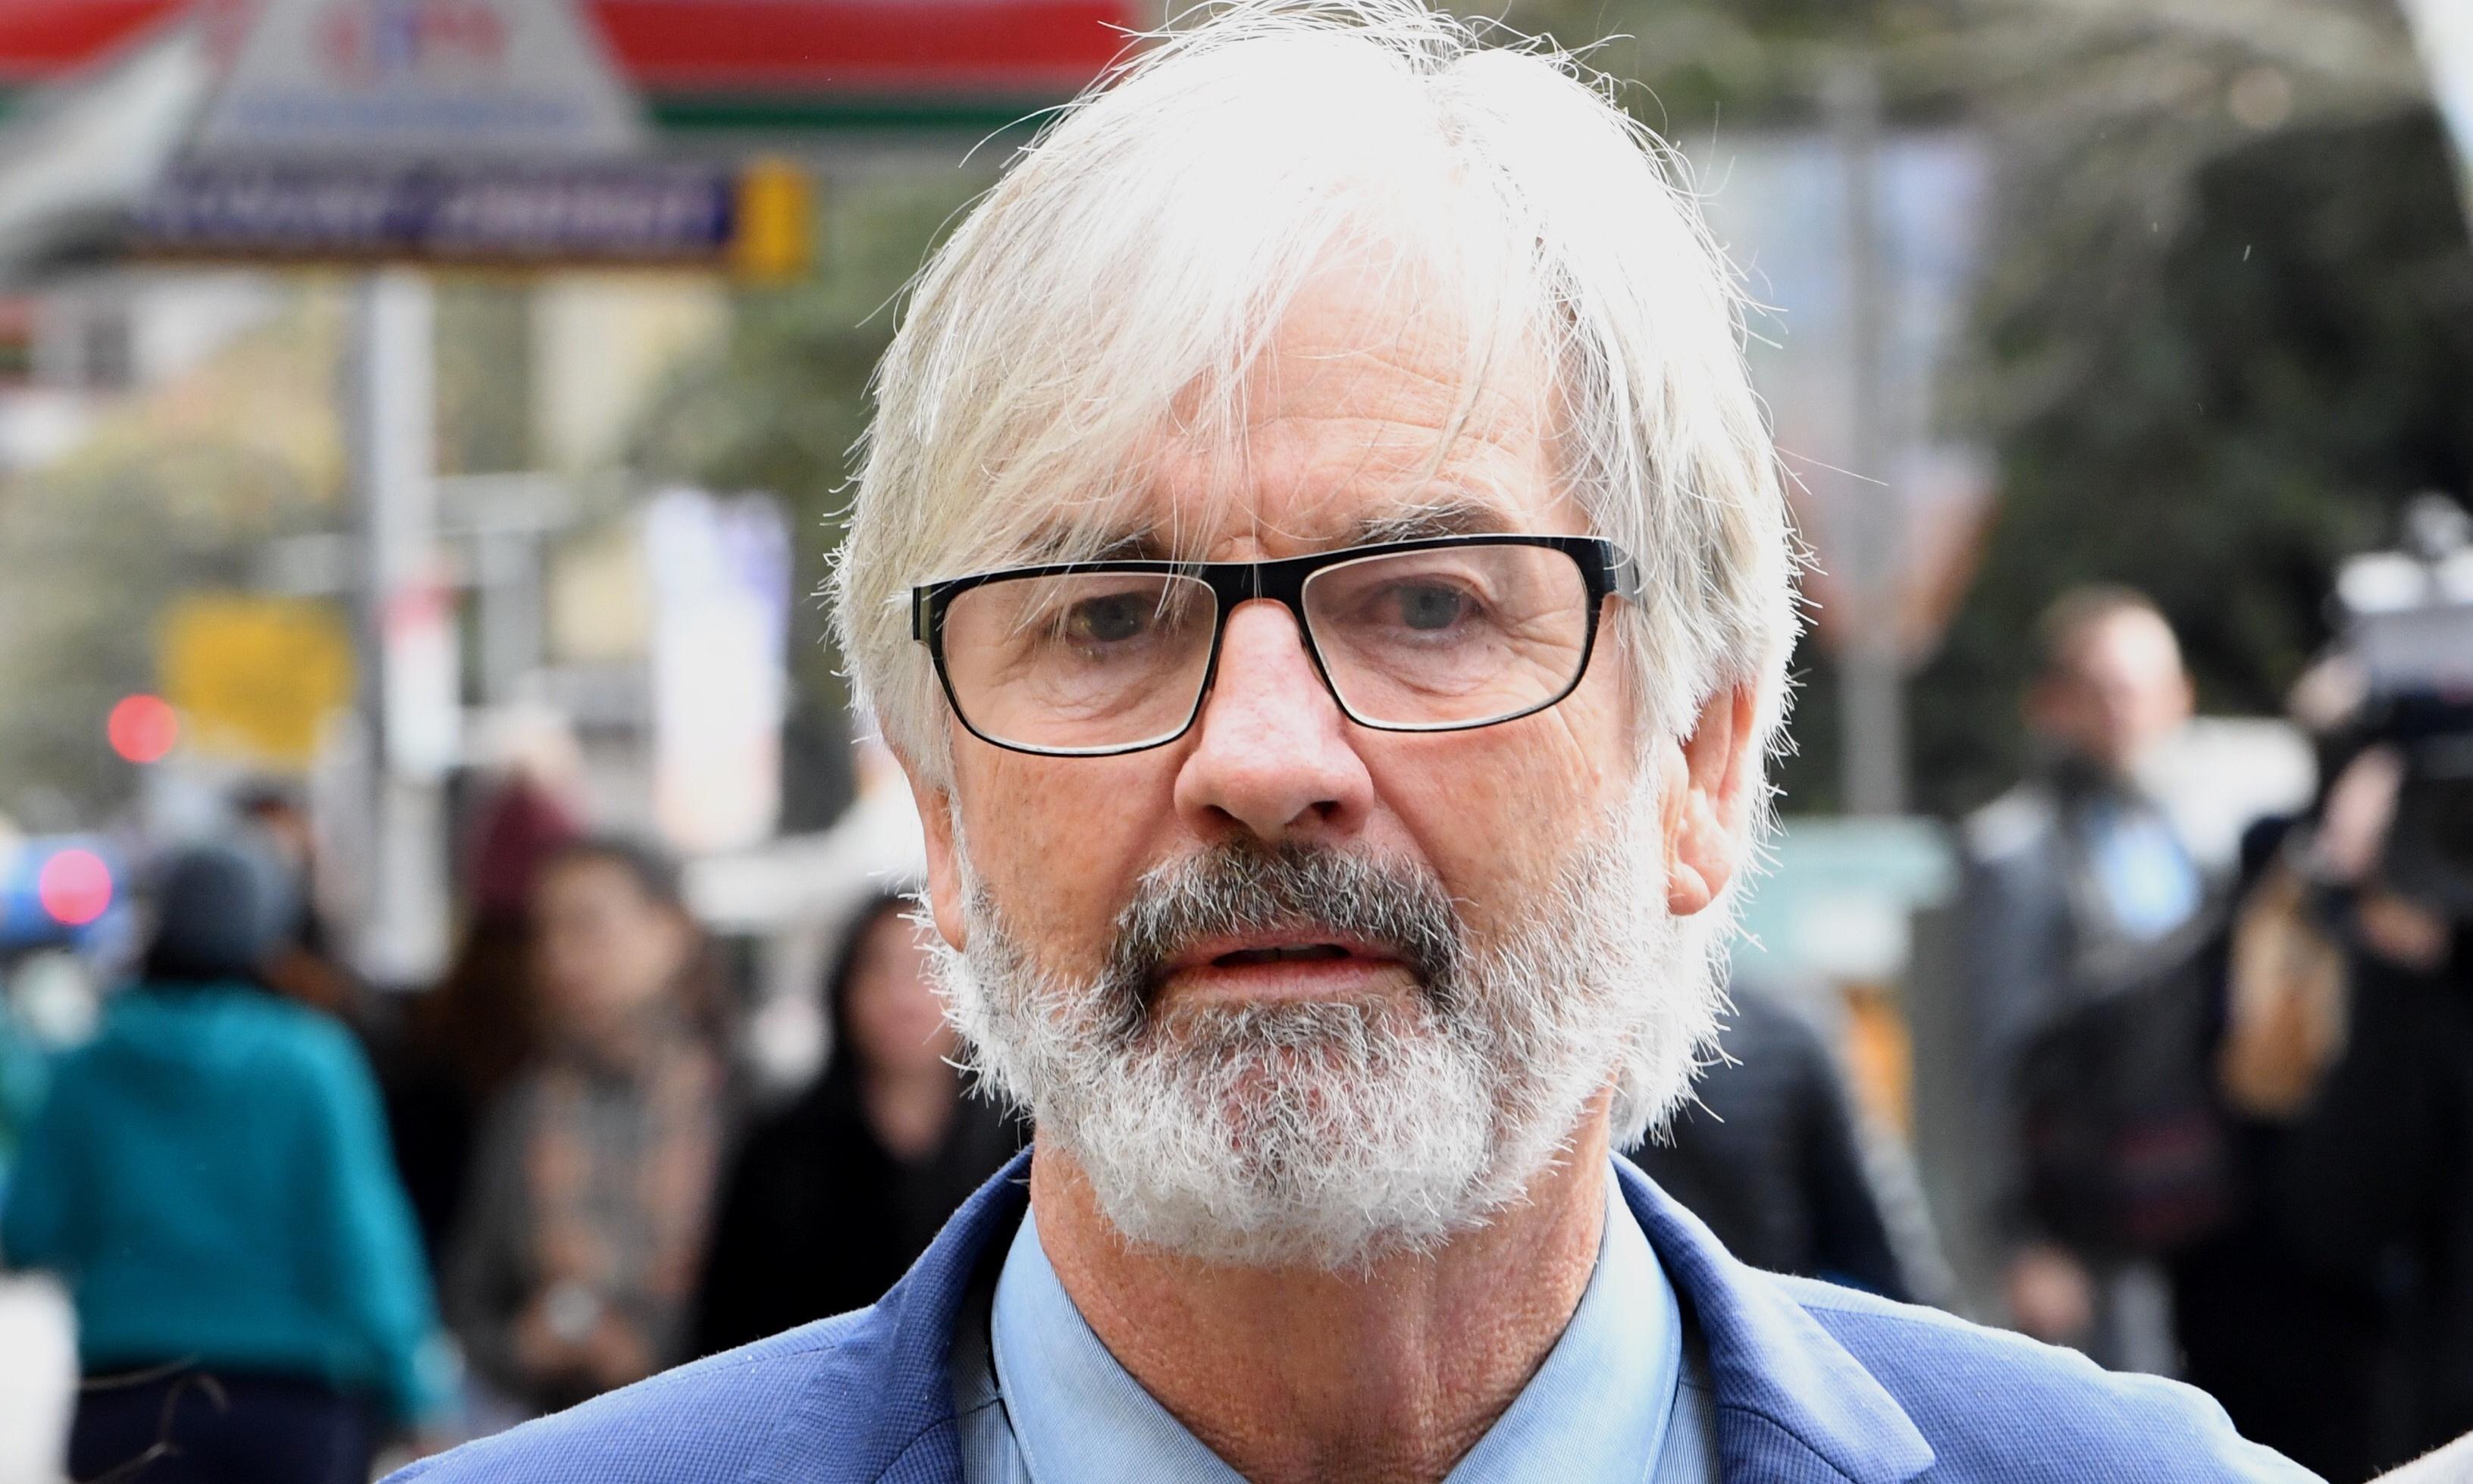 John Jarratt launches defamation case against Daily Telegraph after rape acquittal